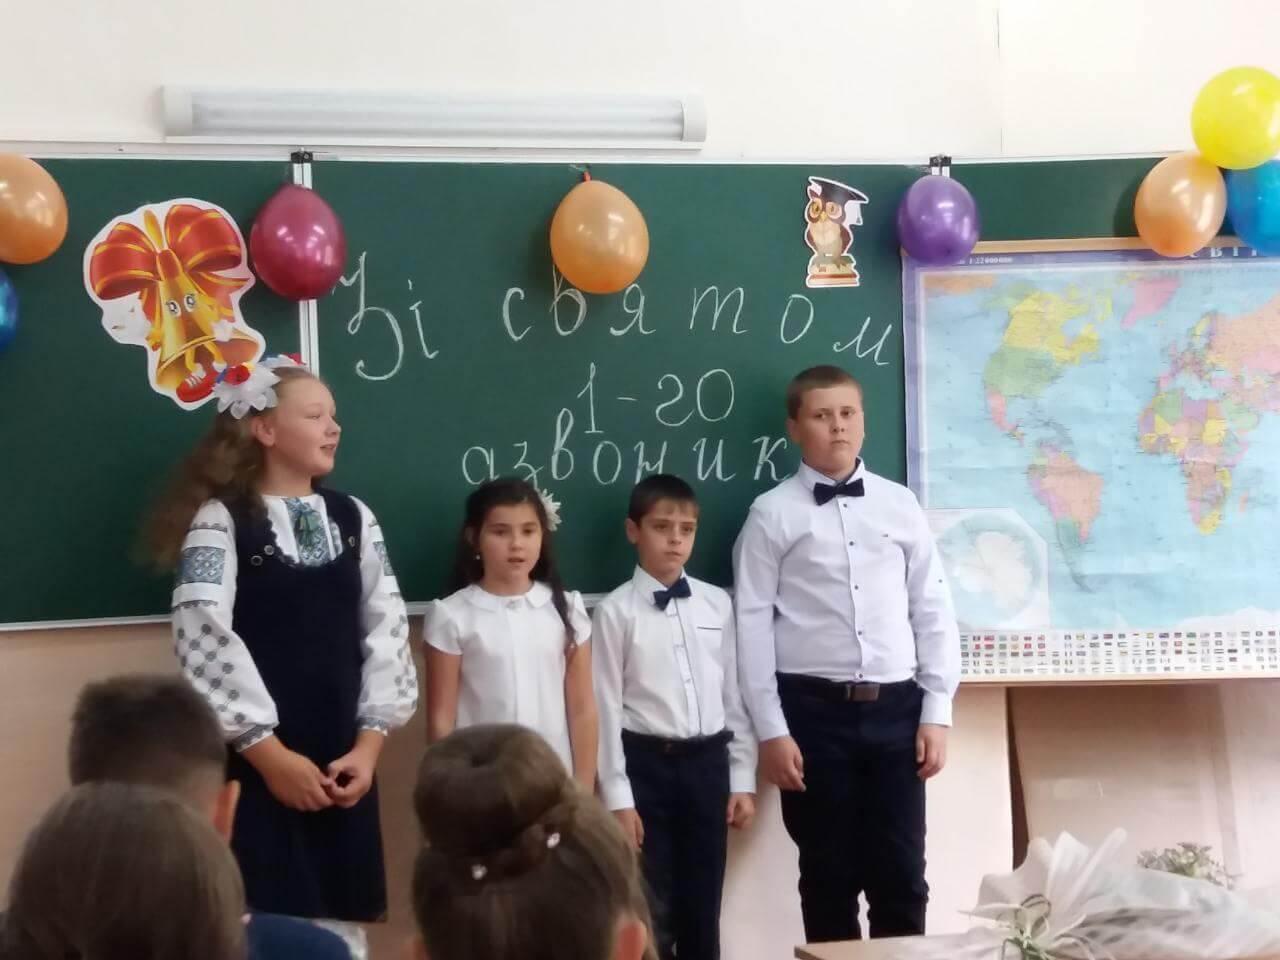 1b 2 - Україна-європейська держава